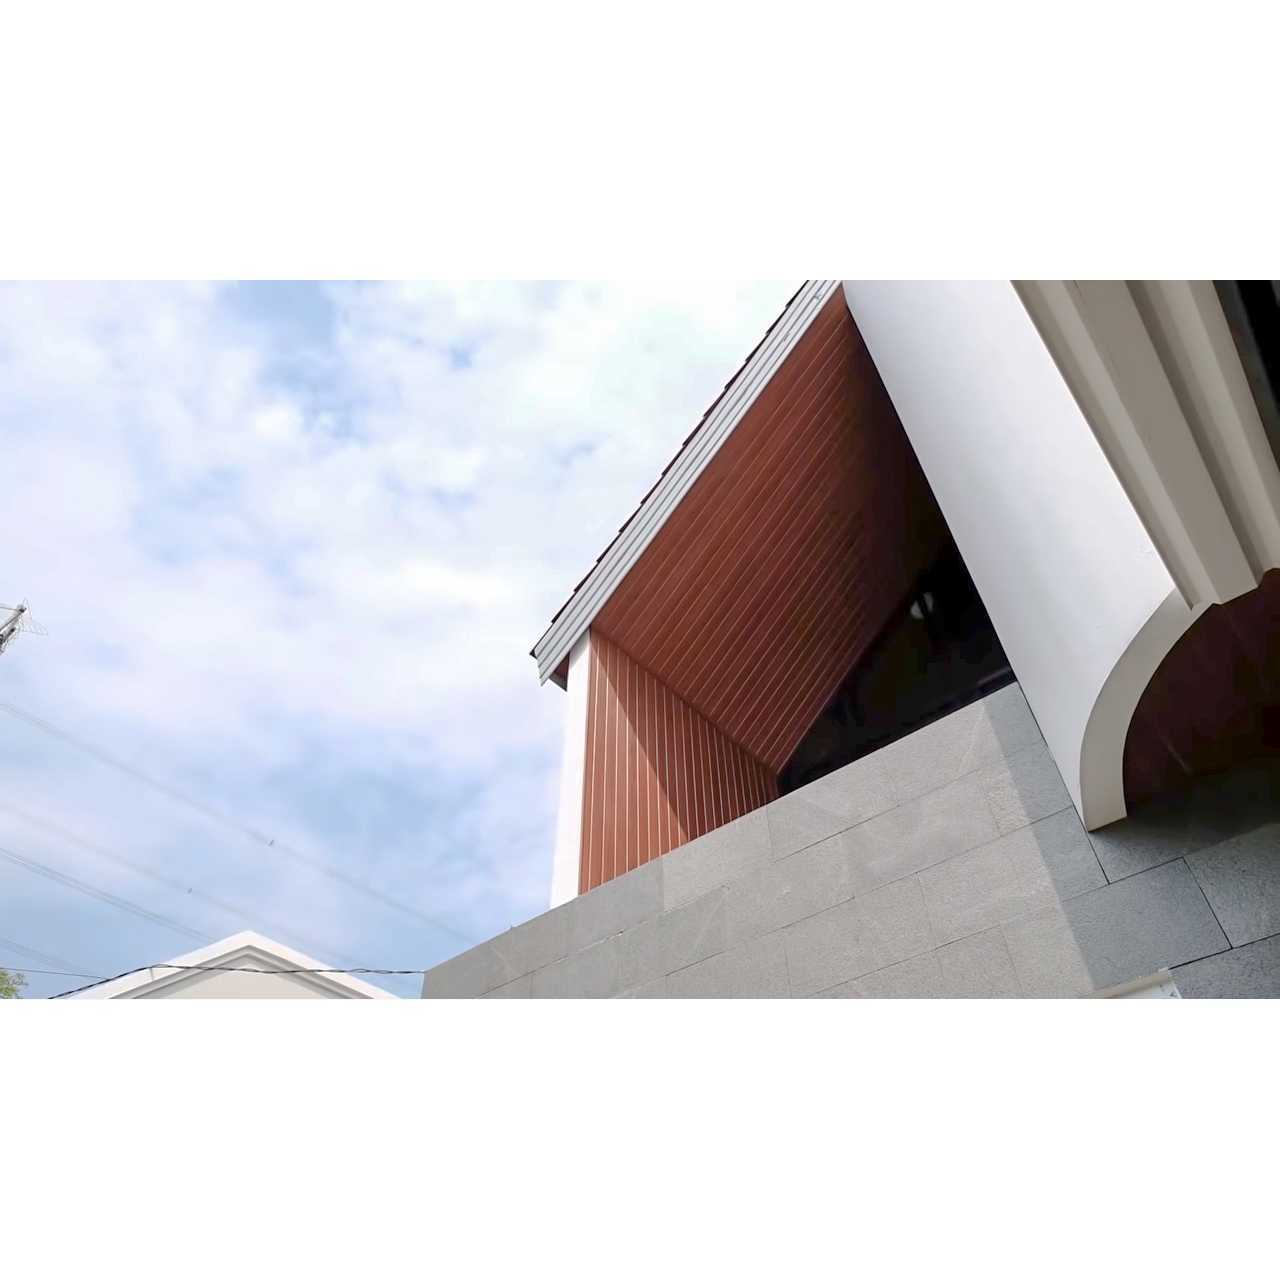 Endarasman Rz House Bekasi, Kota Bks, Jawa Barat, Indonesia Jl. Mira, Rt.002/rw.009, Perwira, Kec. Bekasi Utara, Kota Bks, Jawa Barat, Indonesia Sobastudia-Rz-House  86343